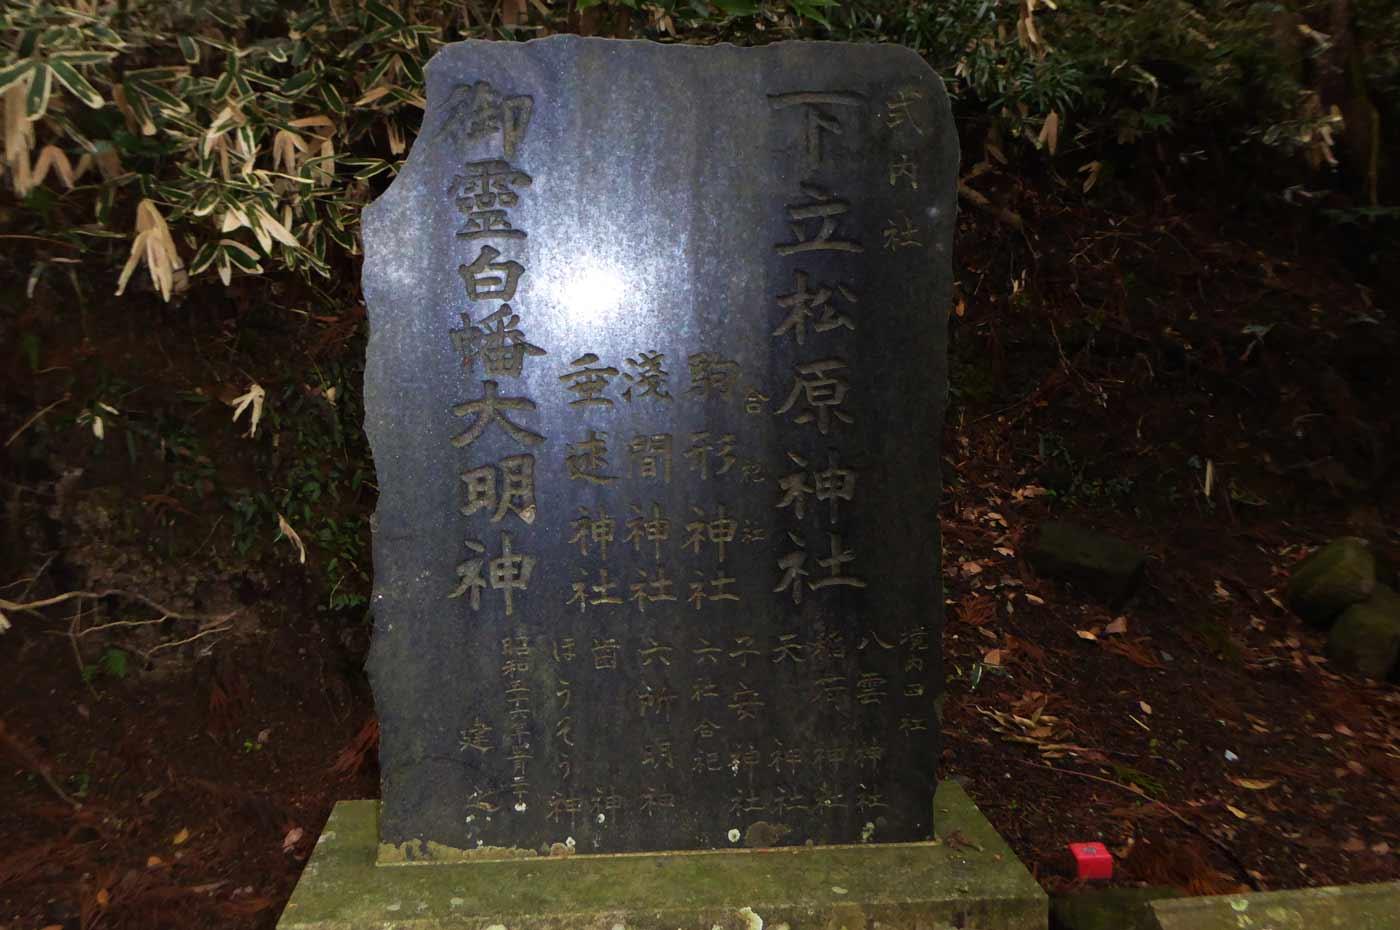 下立松原神境内の石碑の画像